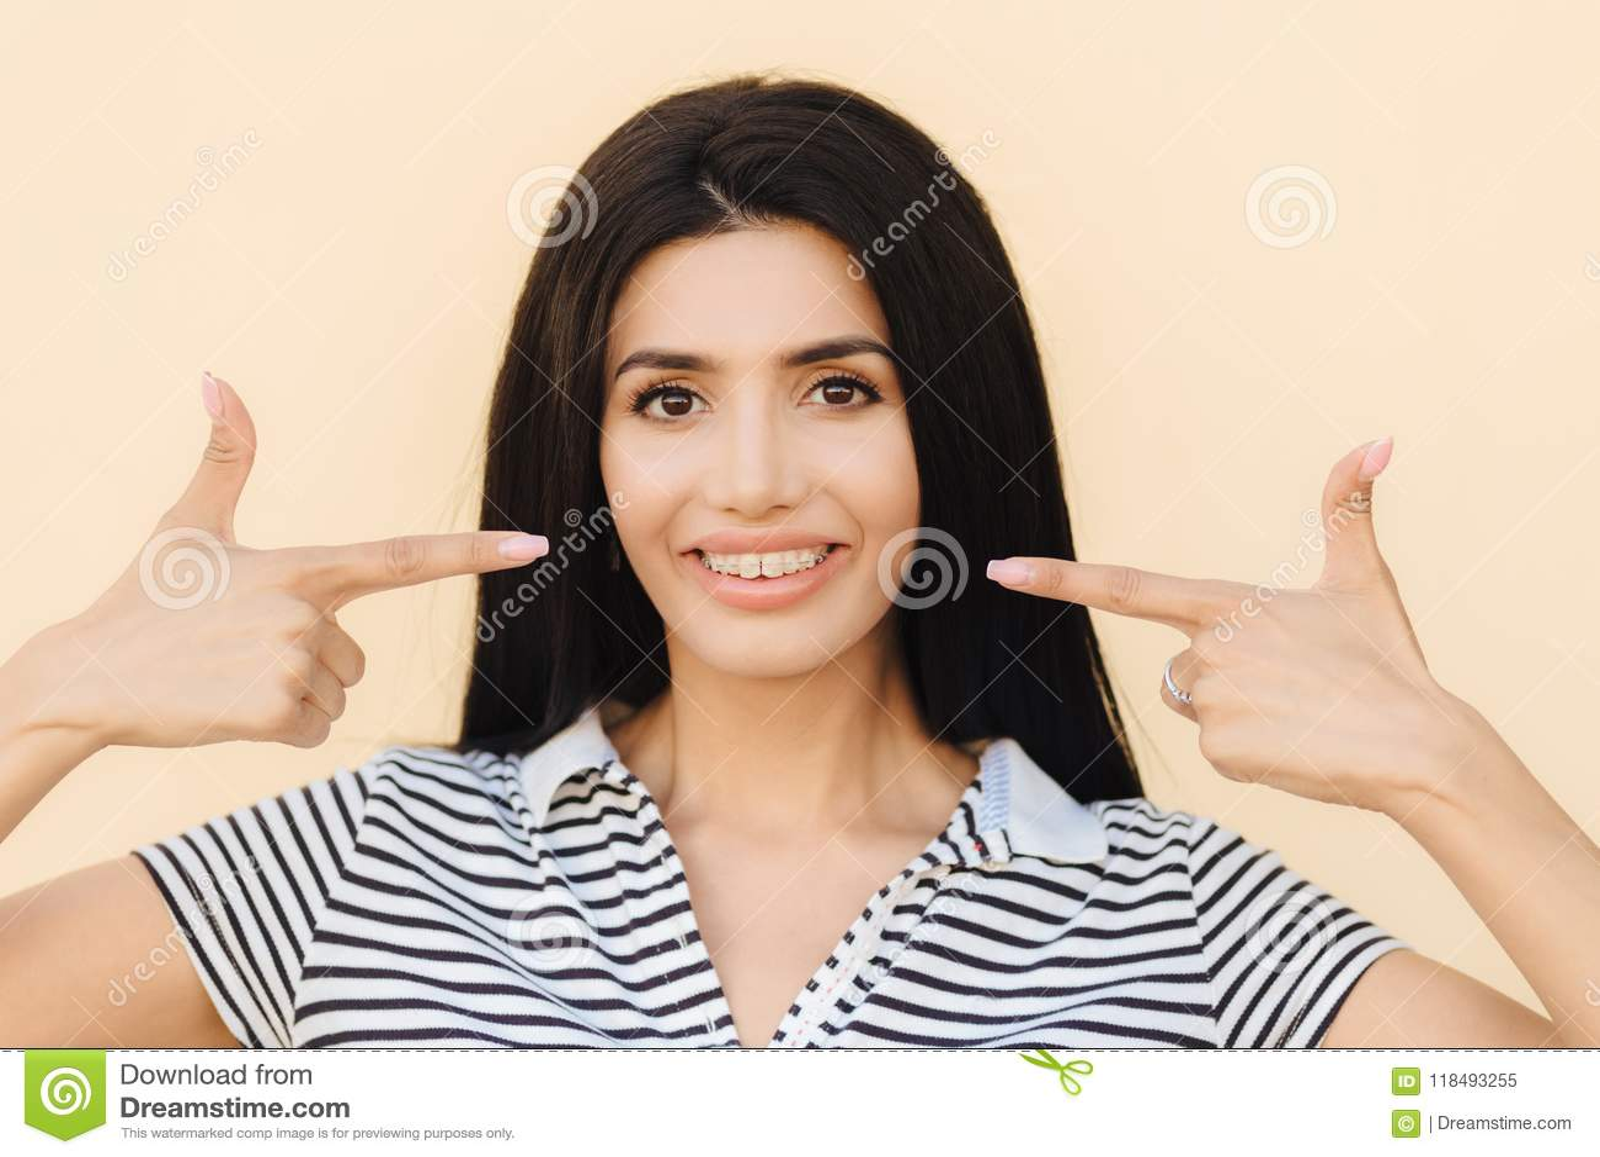 Ludzie, piękno i reklamowy pojęcie, Brunetki młoda kobieta z delikatnym uśmiechem, wskazuje przy usta z szerokim uśmiechem, brasy